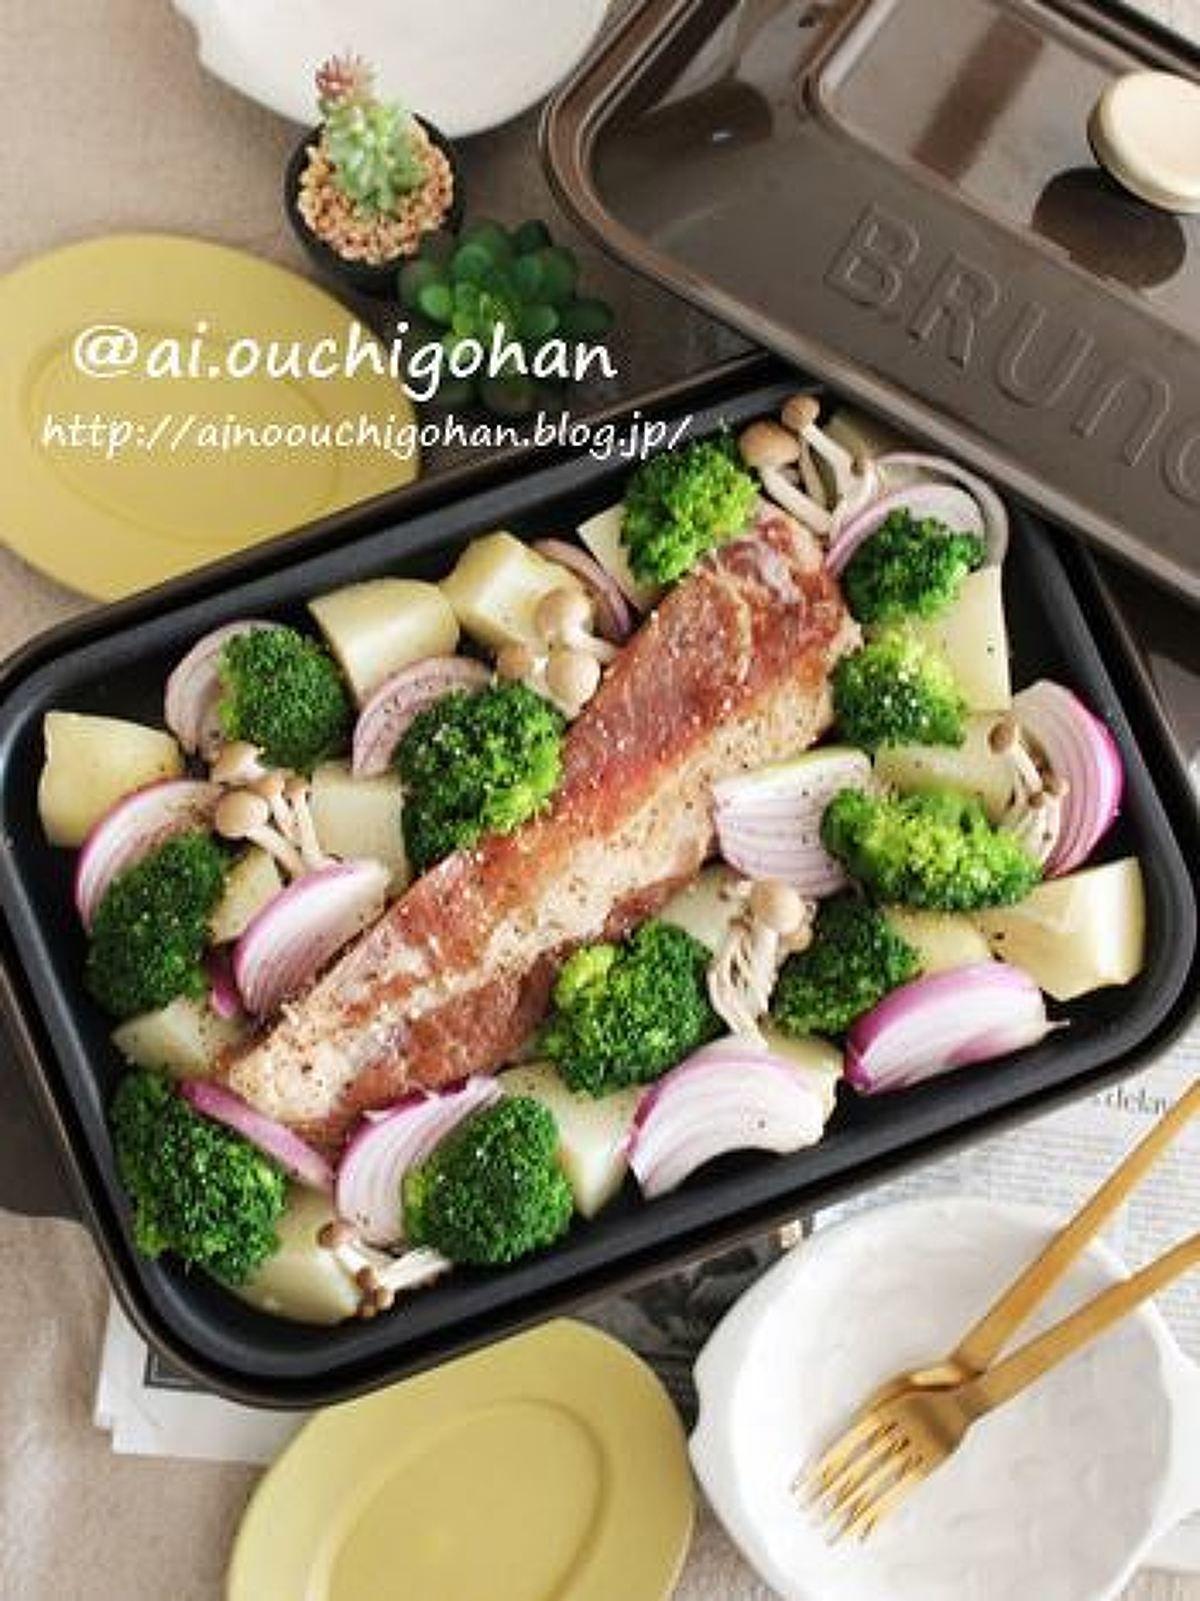 食べるまで熱々 ホットプレートdeぎゅうぎゅう焼き レシピ